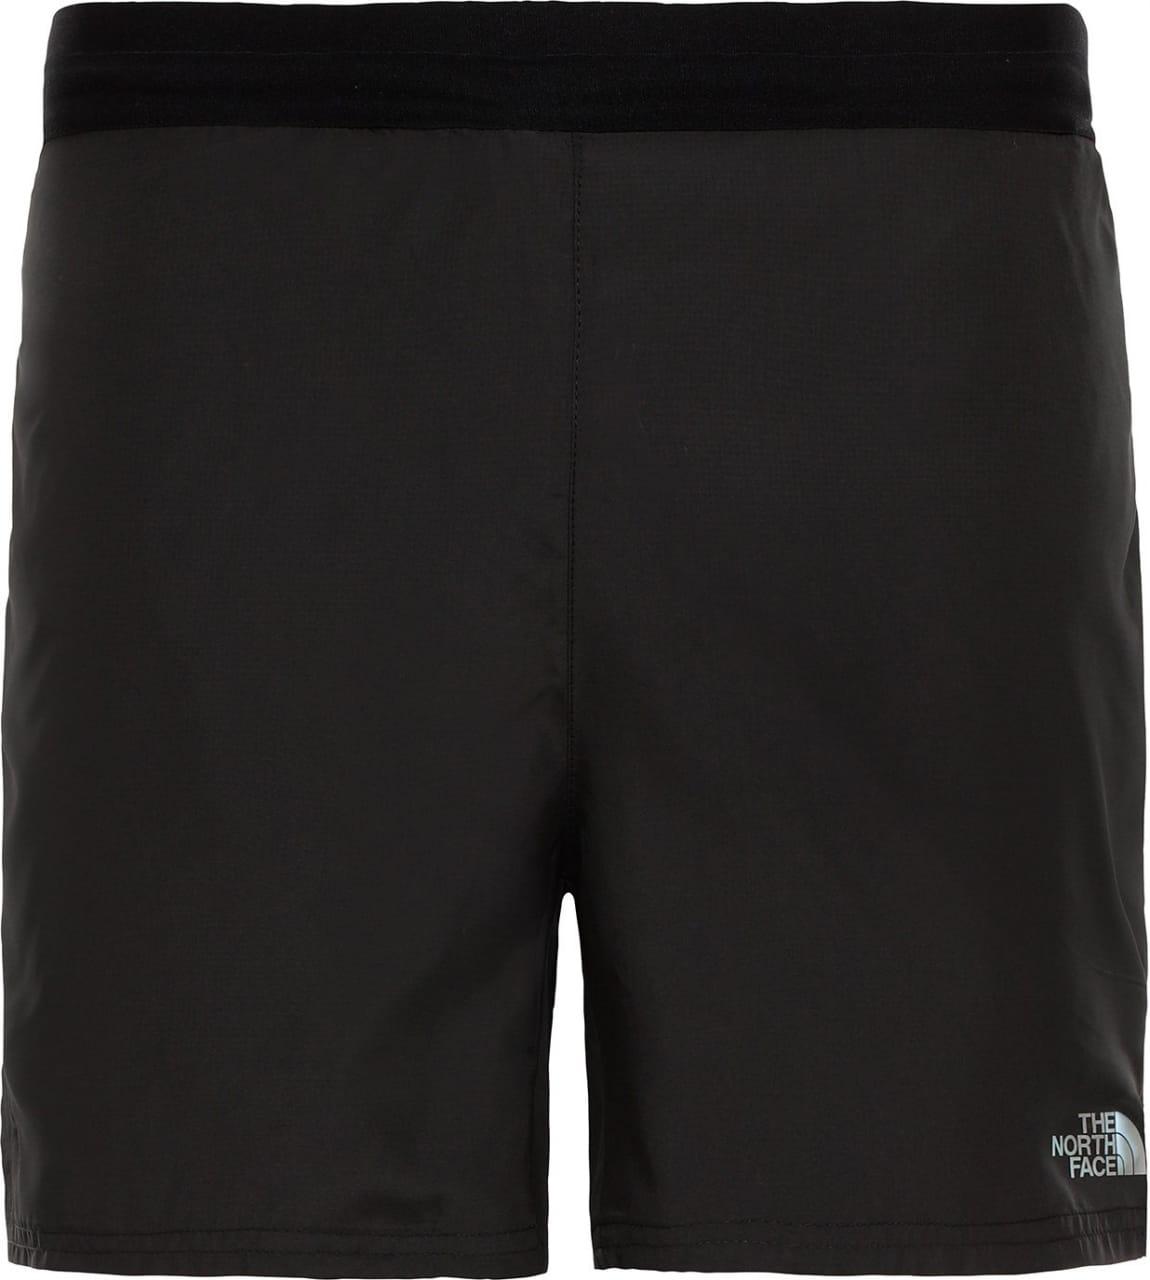 Pánské kraťasy The North Face Men's Ambition Shorts